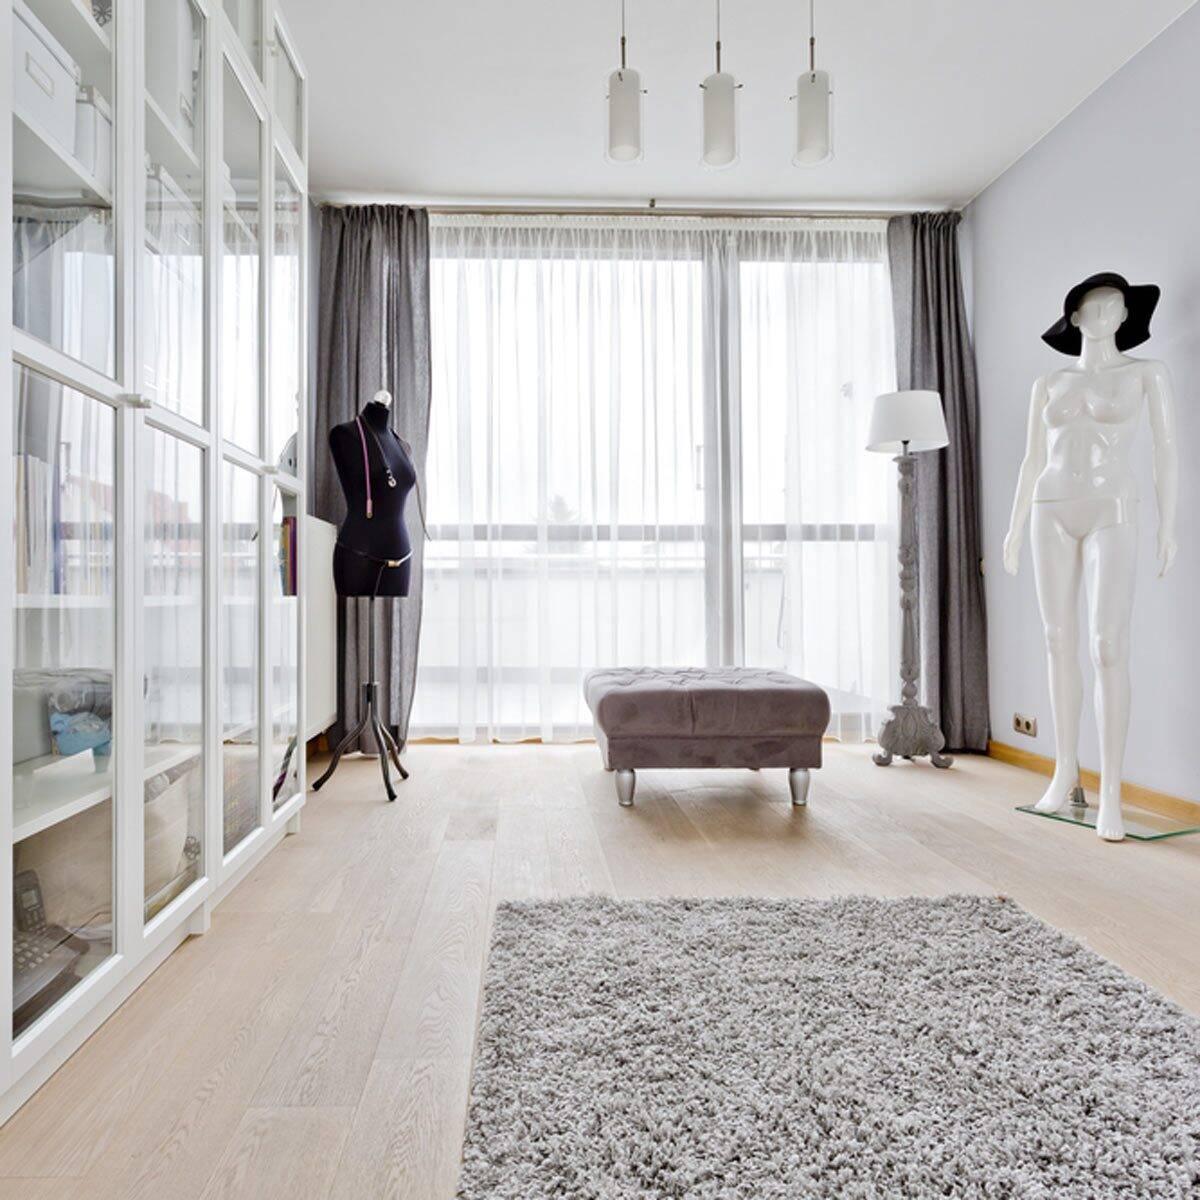 Guarda-roupas com portas de vidro